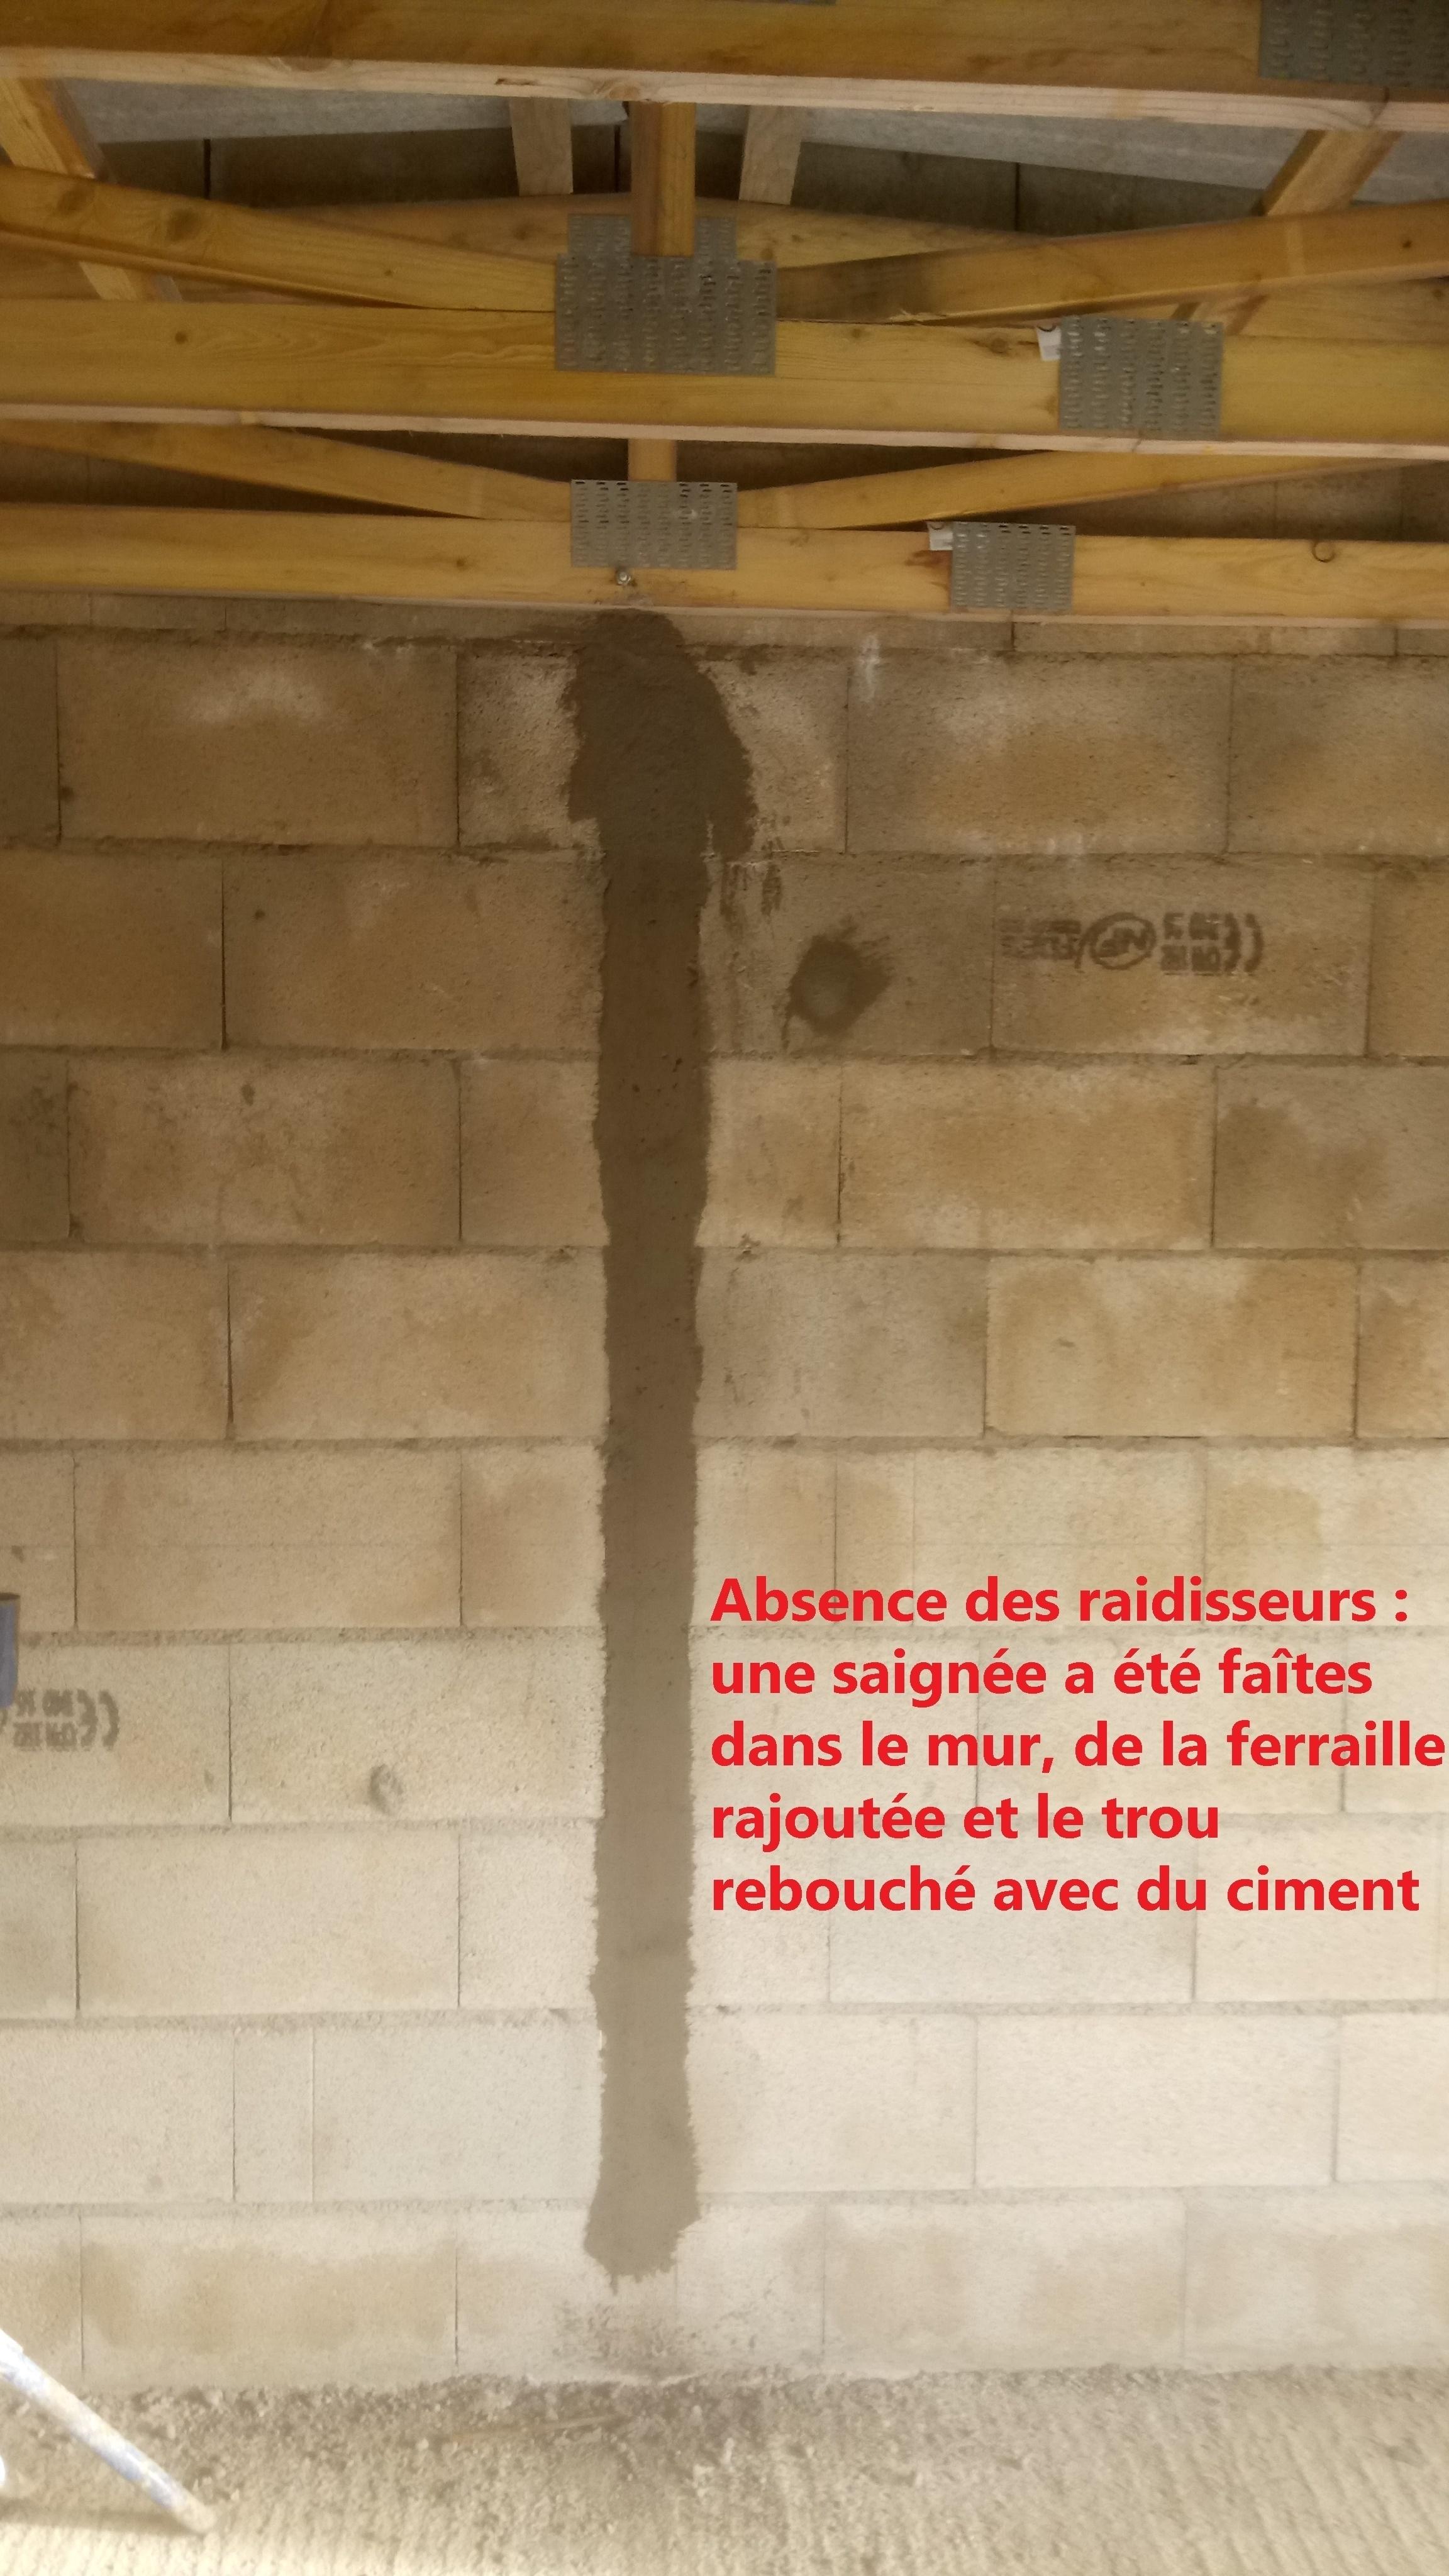 DSC_0446 signée dans le mur  bis